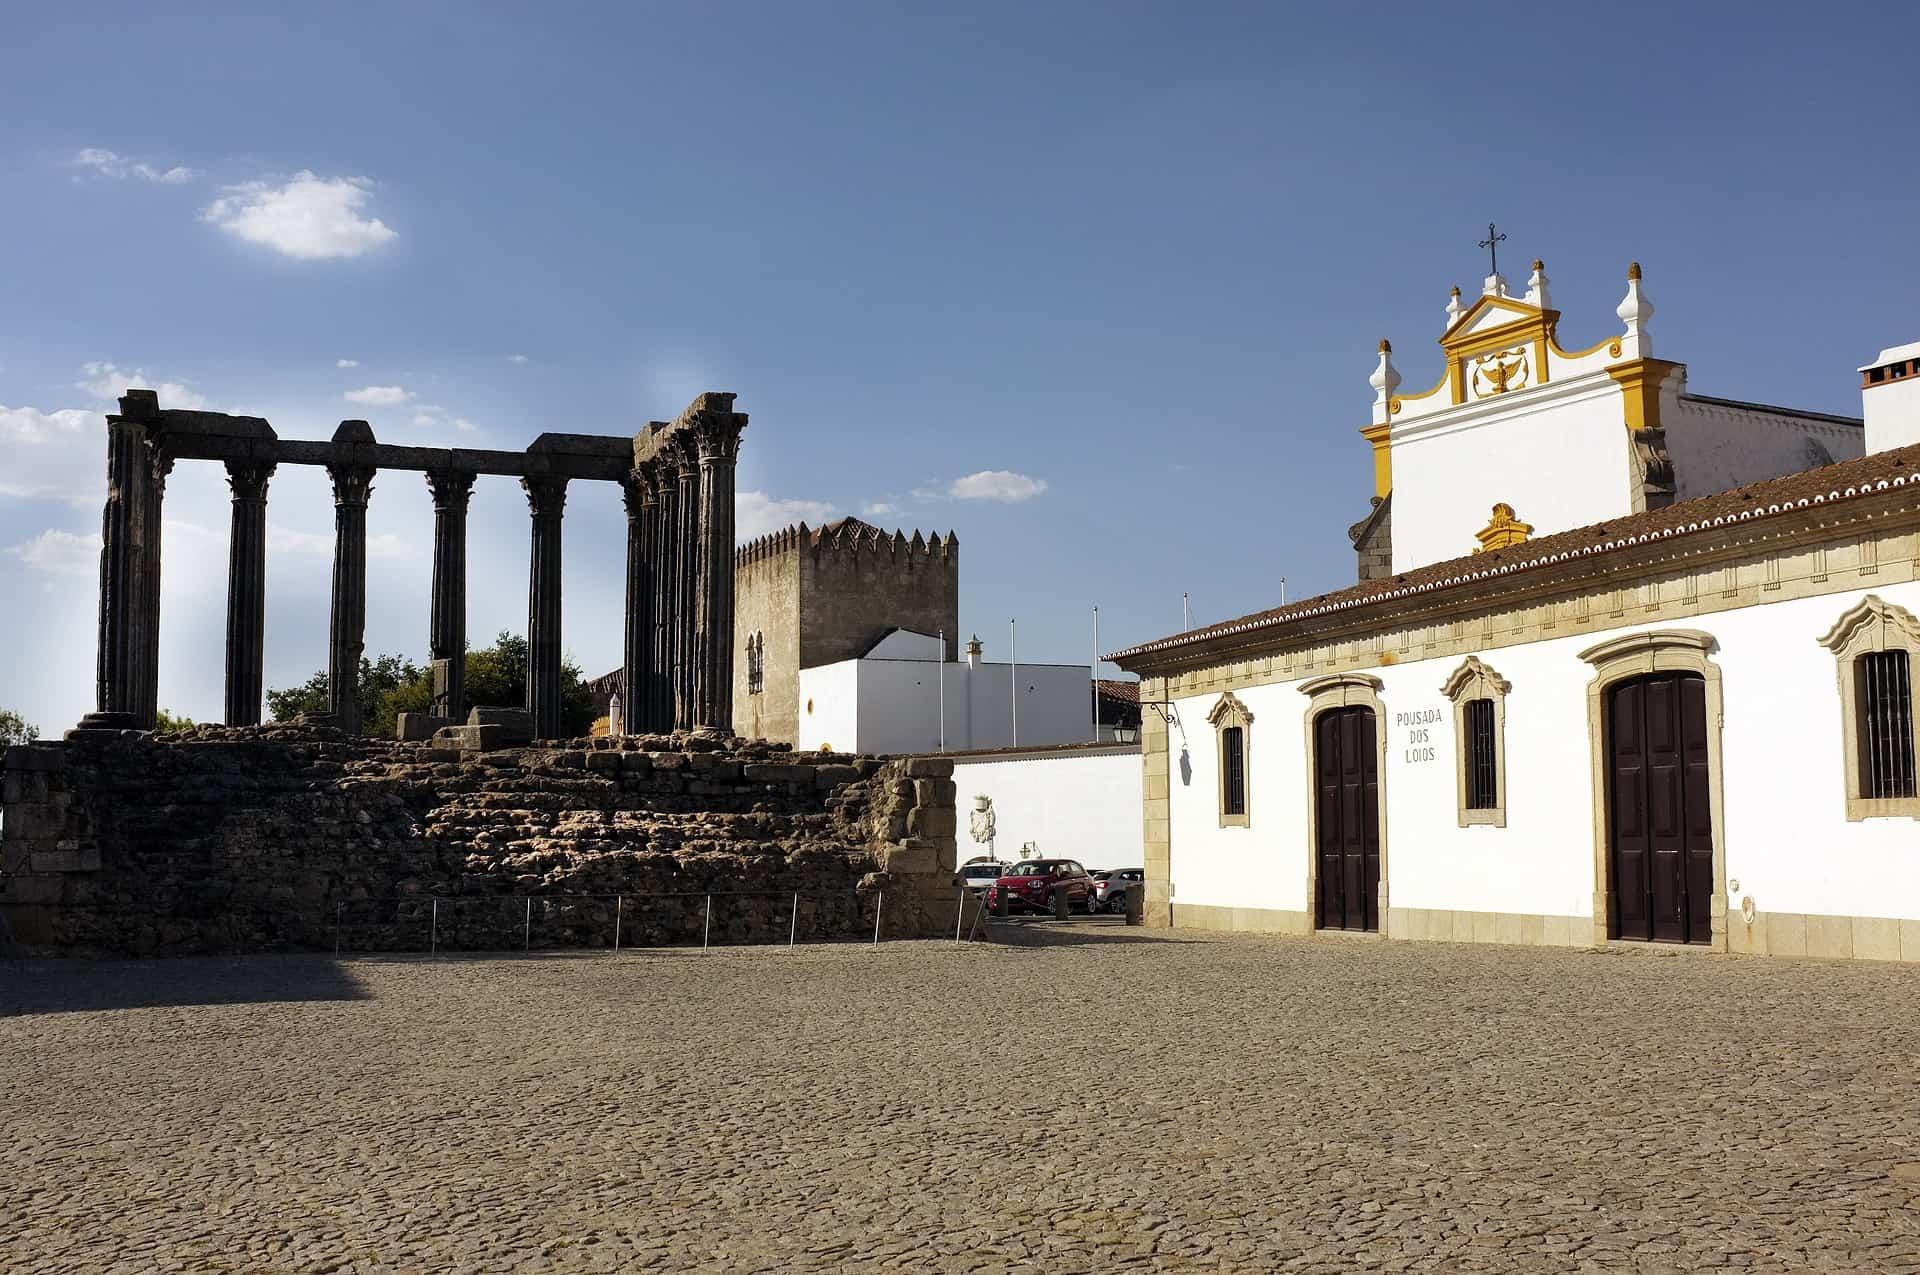 The Templo Romano